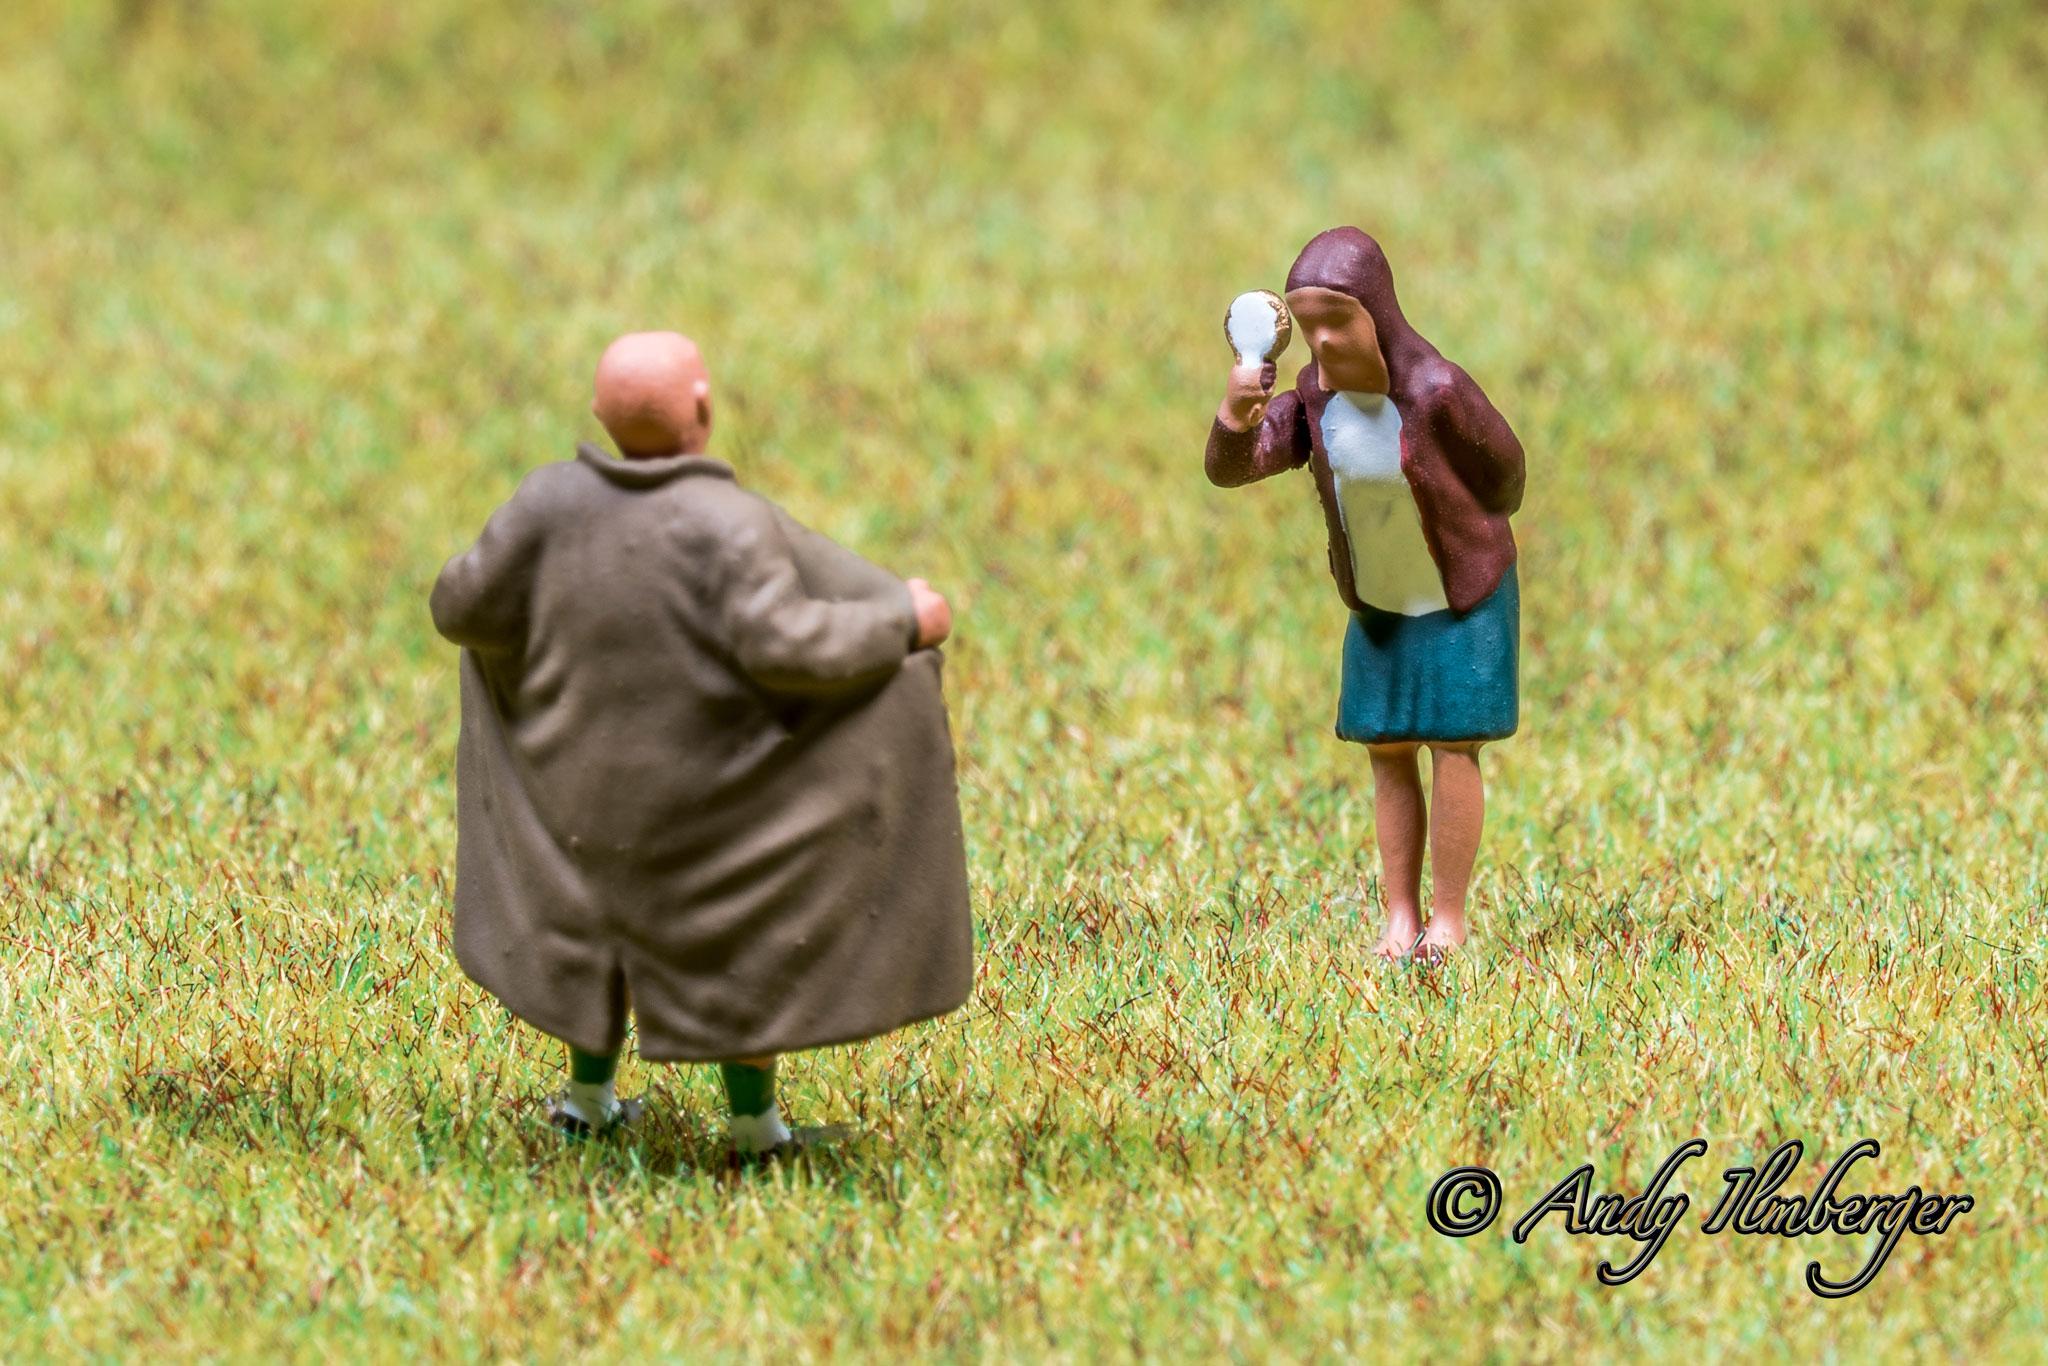 H0-Helden - Exhibitionist vor Mädchen - H0-Figuren in Szene gesetzt von © Andy Ilmberger im Kleine-Helden.Club